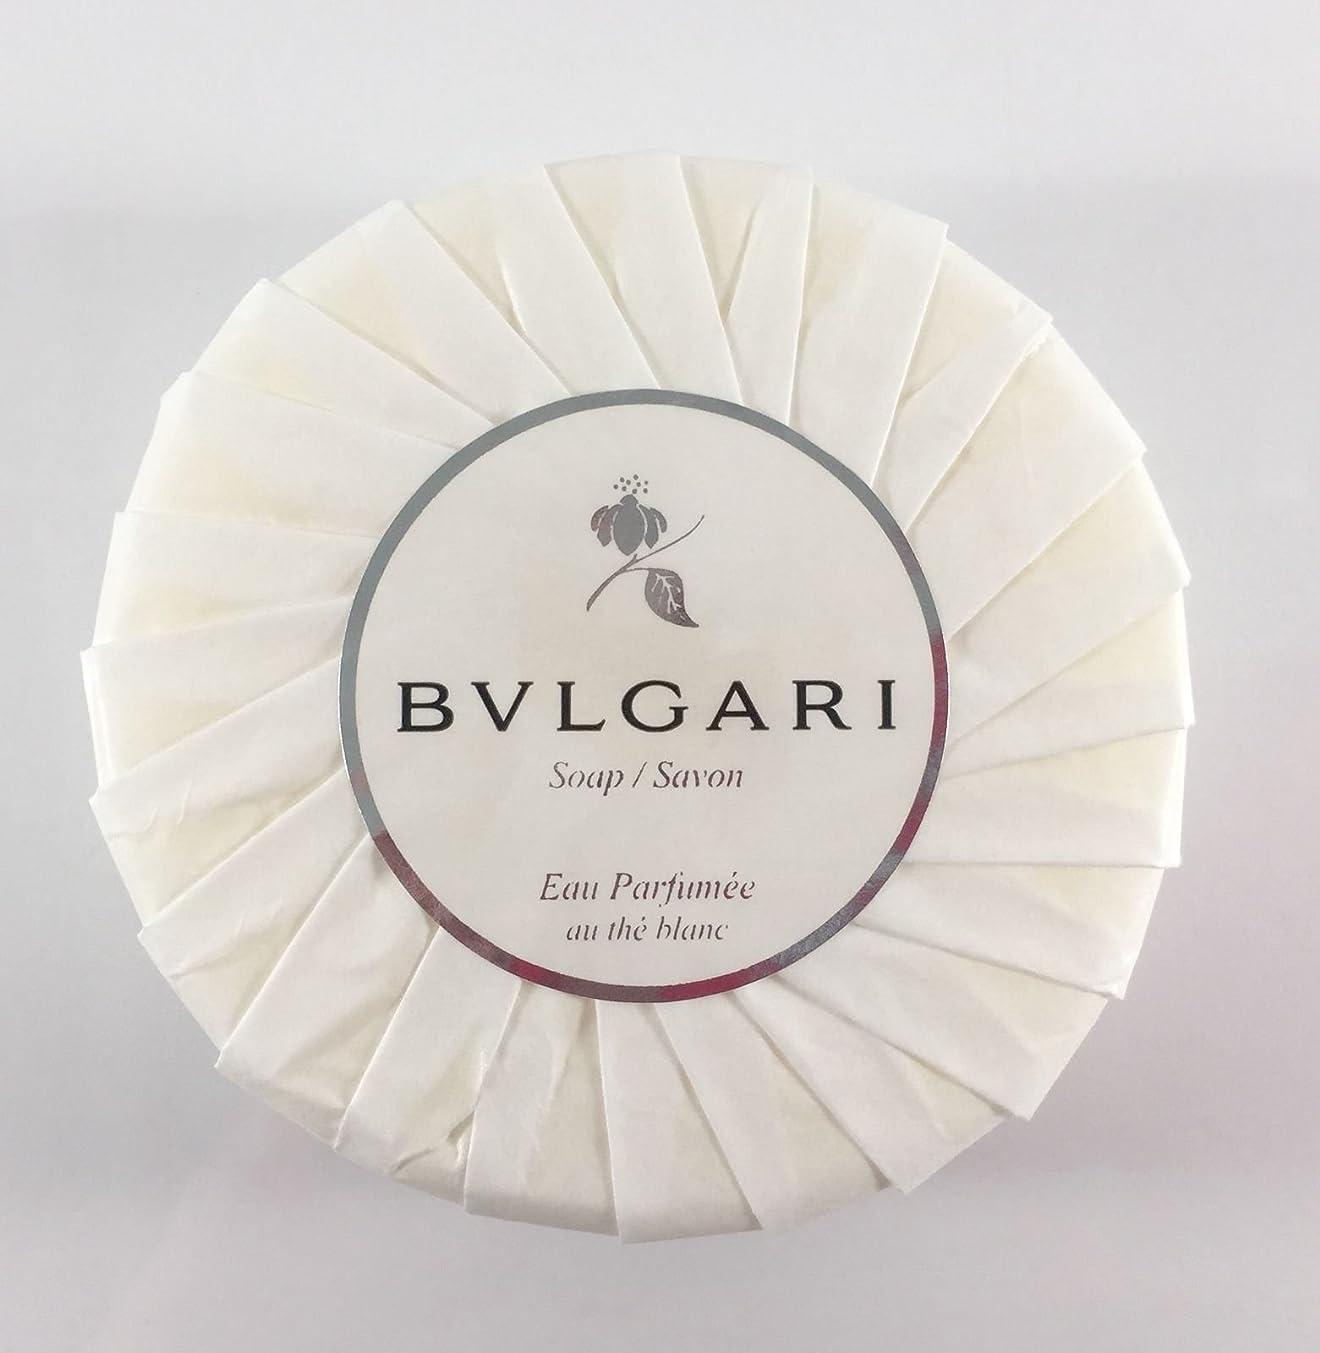 枯れるエンドテーブル白雪姫ブルガリ オ?パフメ オーテブラン デラックスソープ150g BVLGARI Bvlgari Eau Parfumee au the blanc White Soap